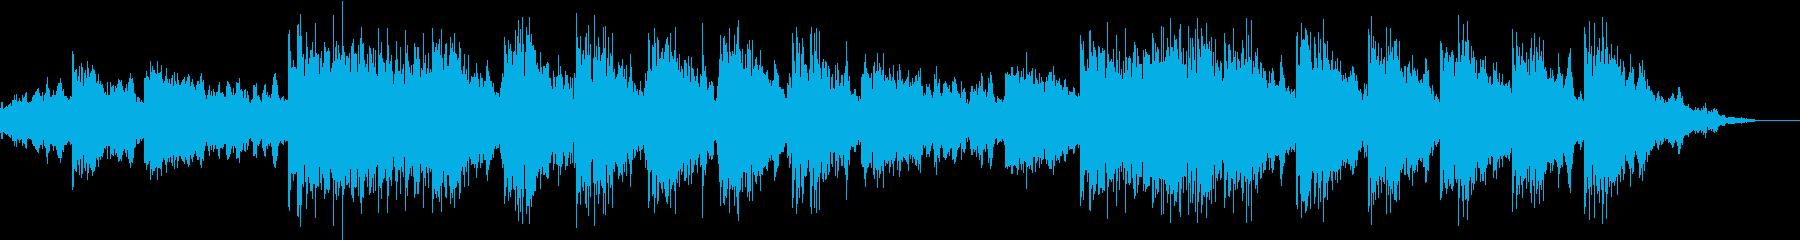 シネマティックサウンド!!の再生済みの波形